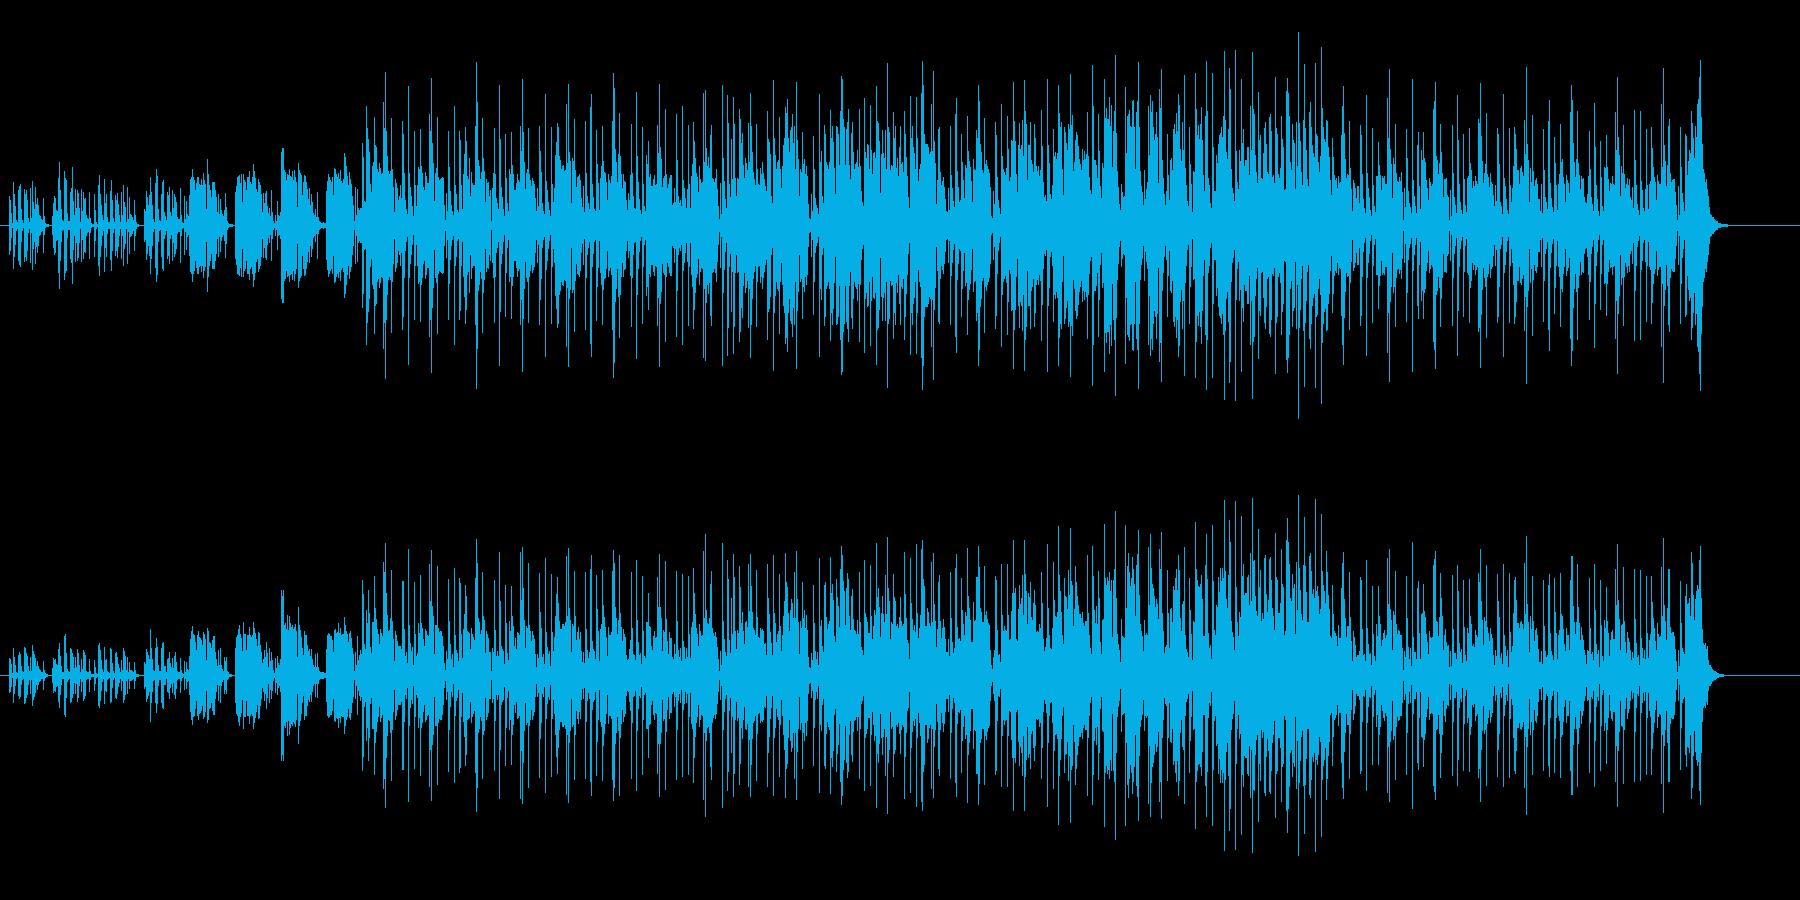 温故知新ミクスチャー感覚のポップスの再生済みの波形